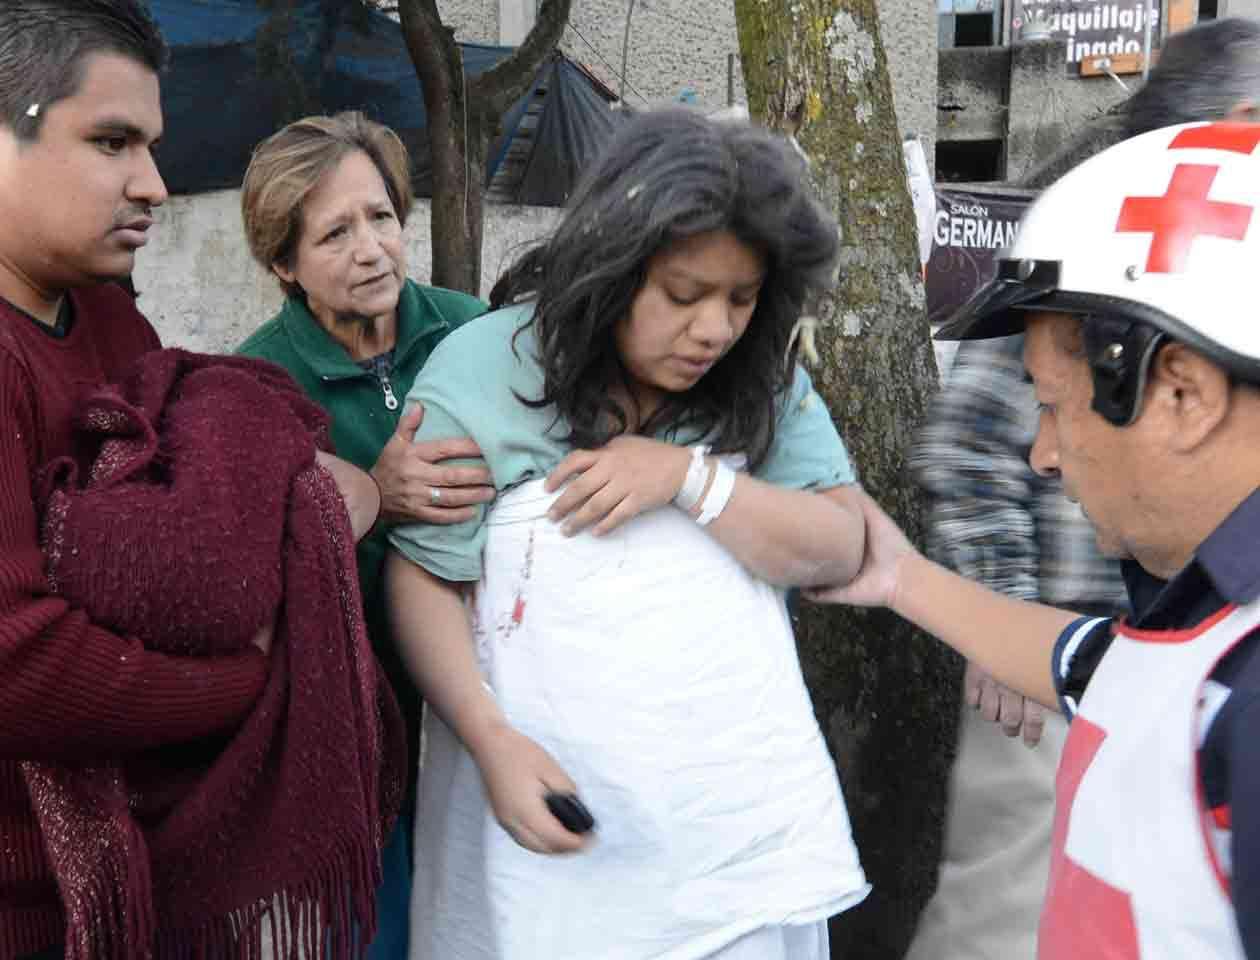 El hospital materno infantil Cuajimalpa quedó convertido en una montaña de escombros Foto: STR/EFE